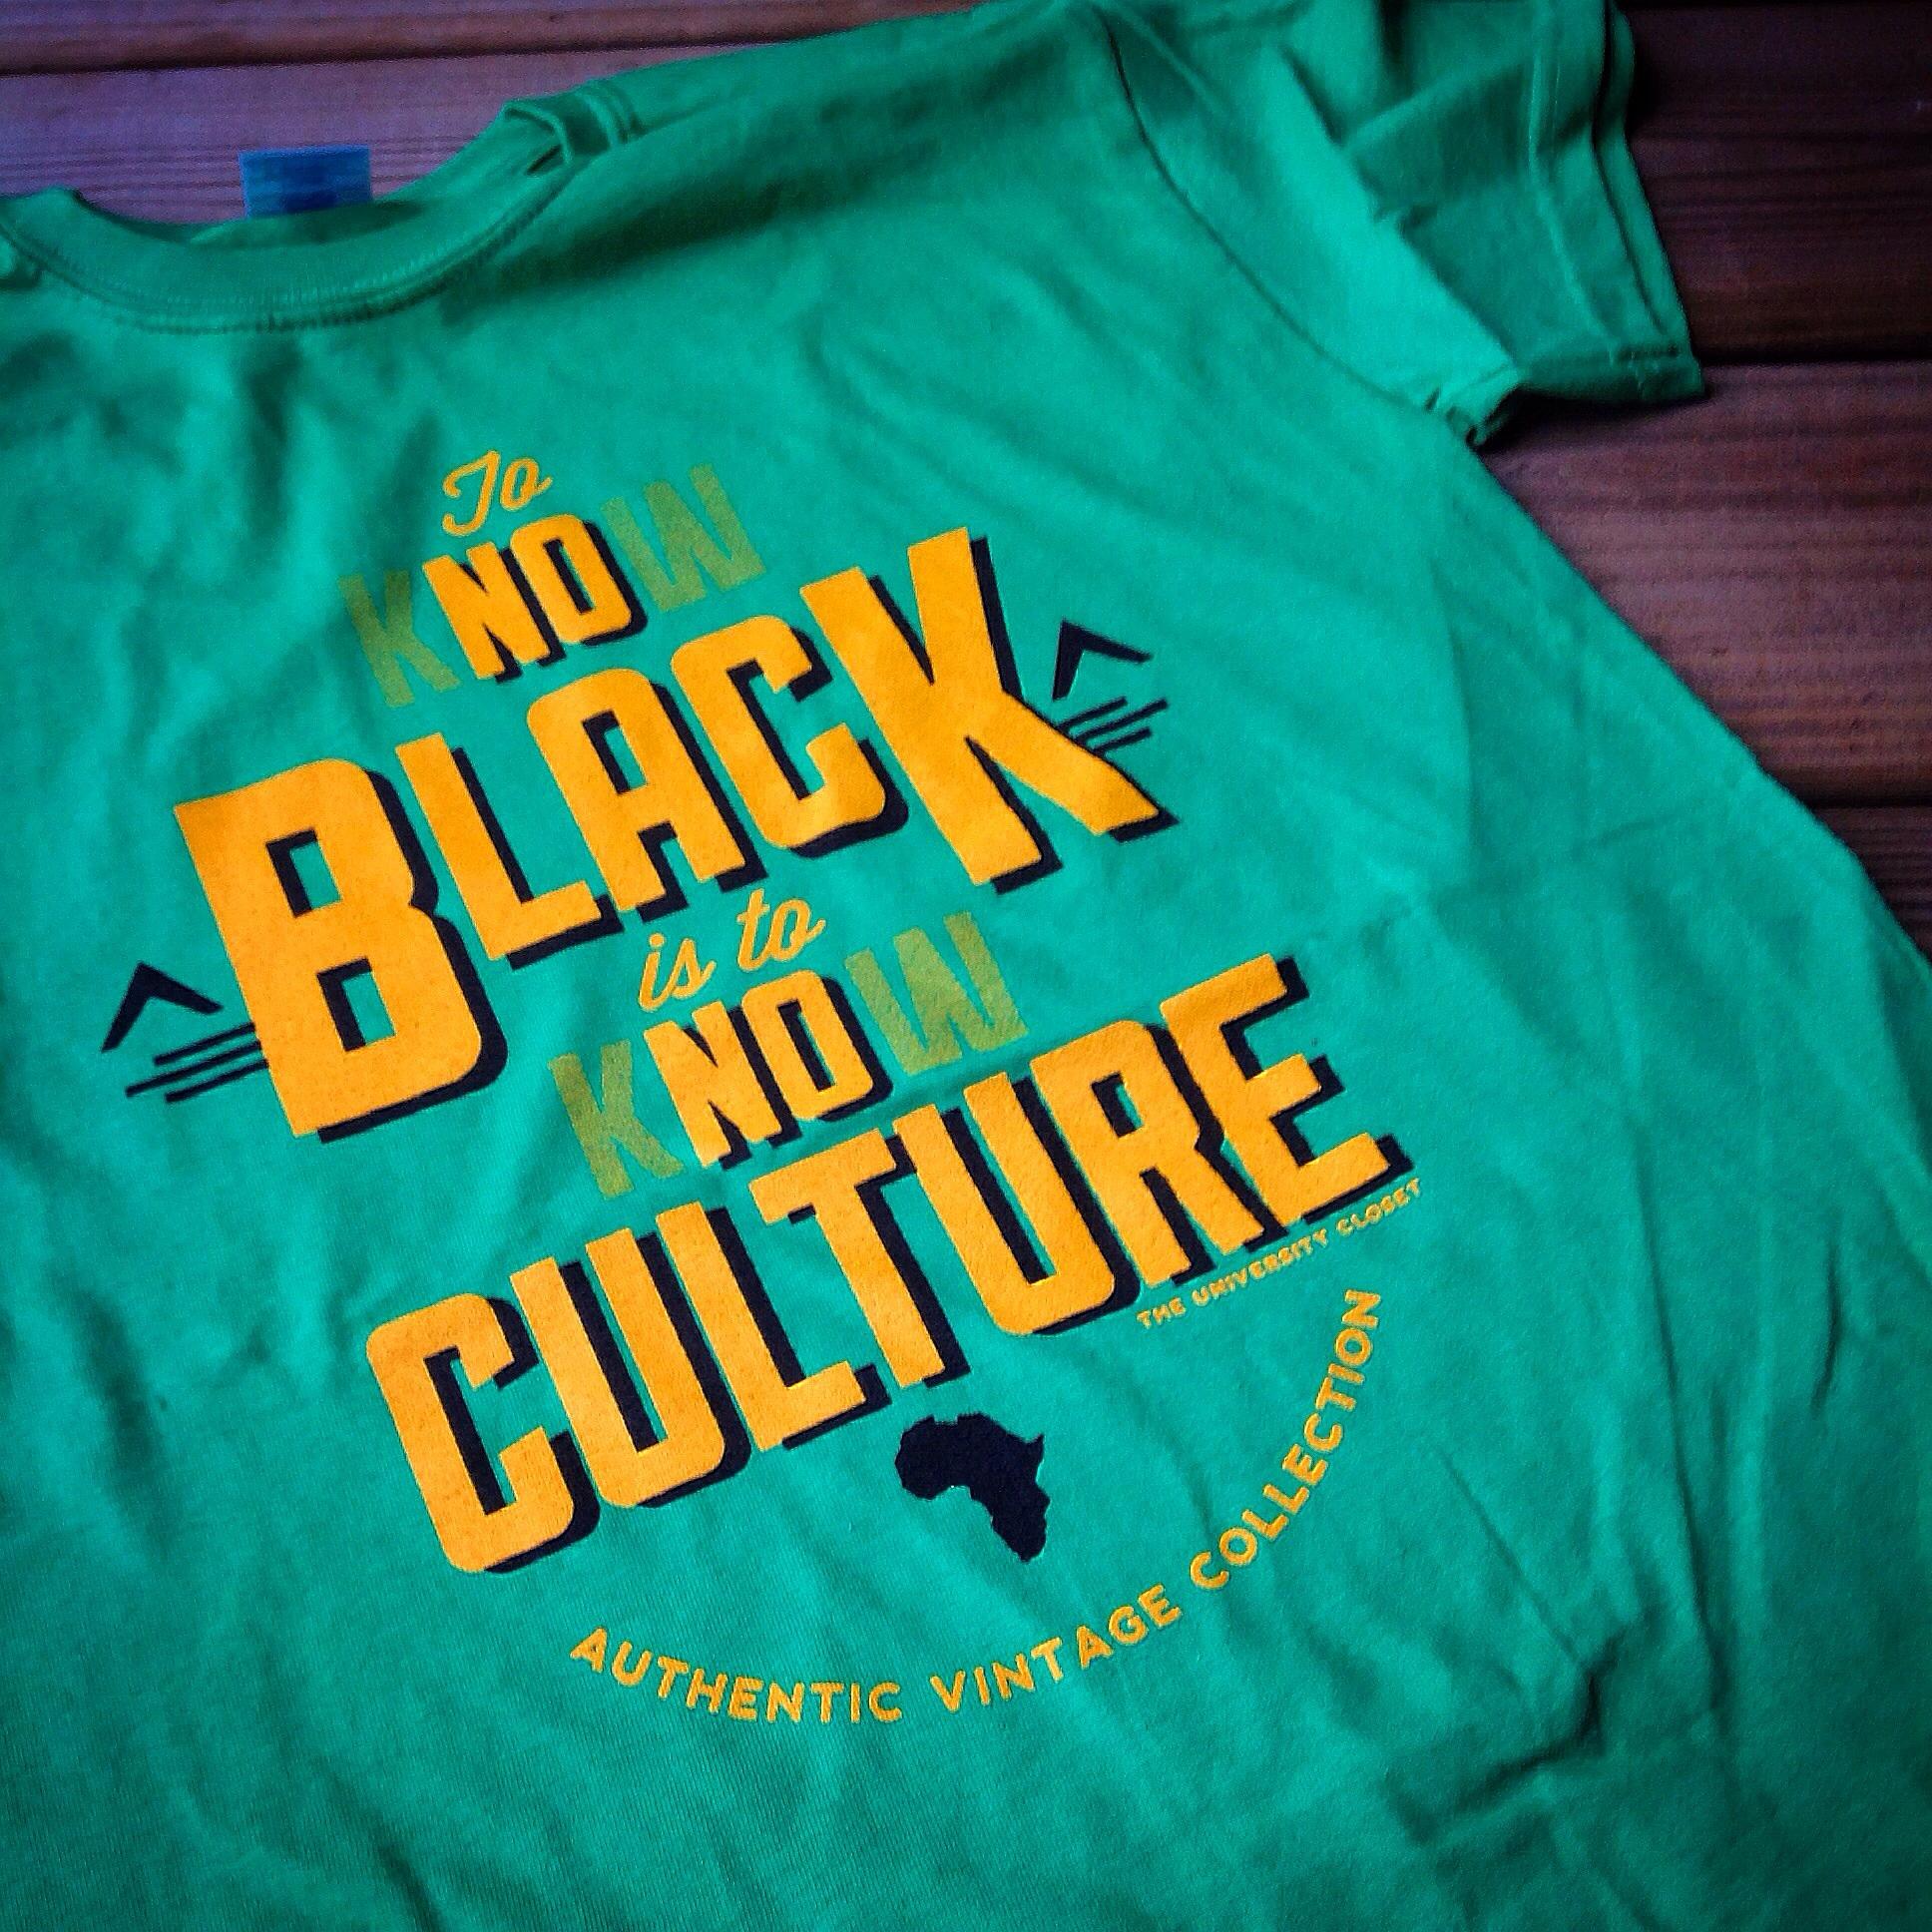 4fd8f6b2 No Black, No Culture Tees · THE UNIVERSITY CLOSET, LLC · Online ...